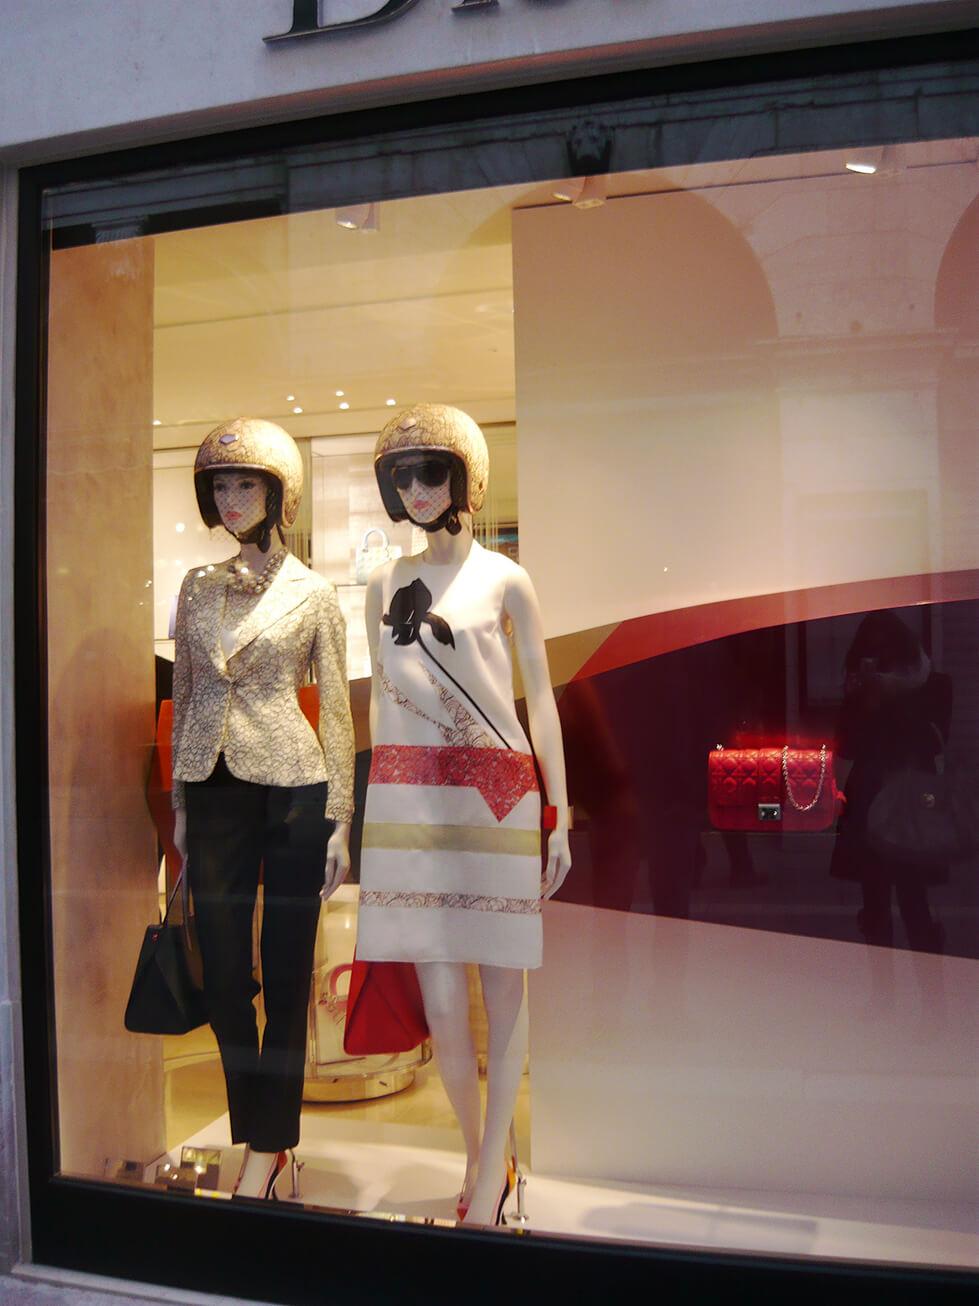 Vitrine de Primavera/Verão 2014 da Dior em Veneza - Itália